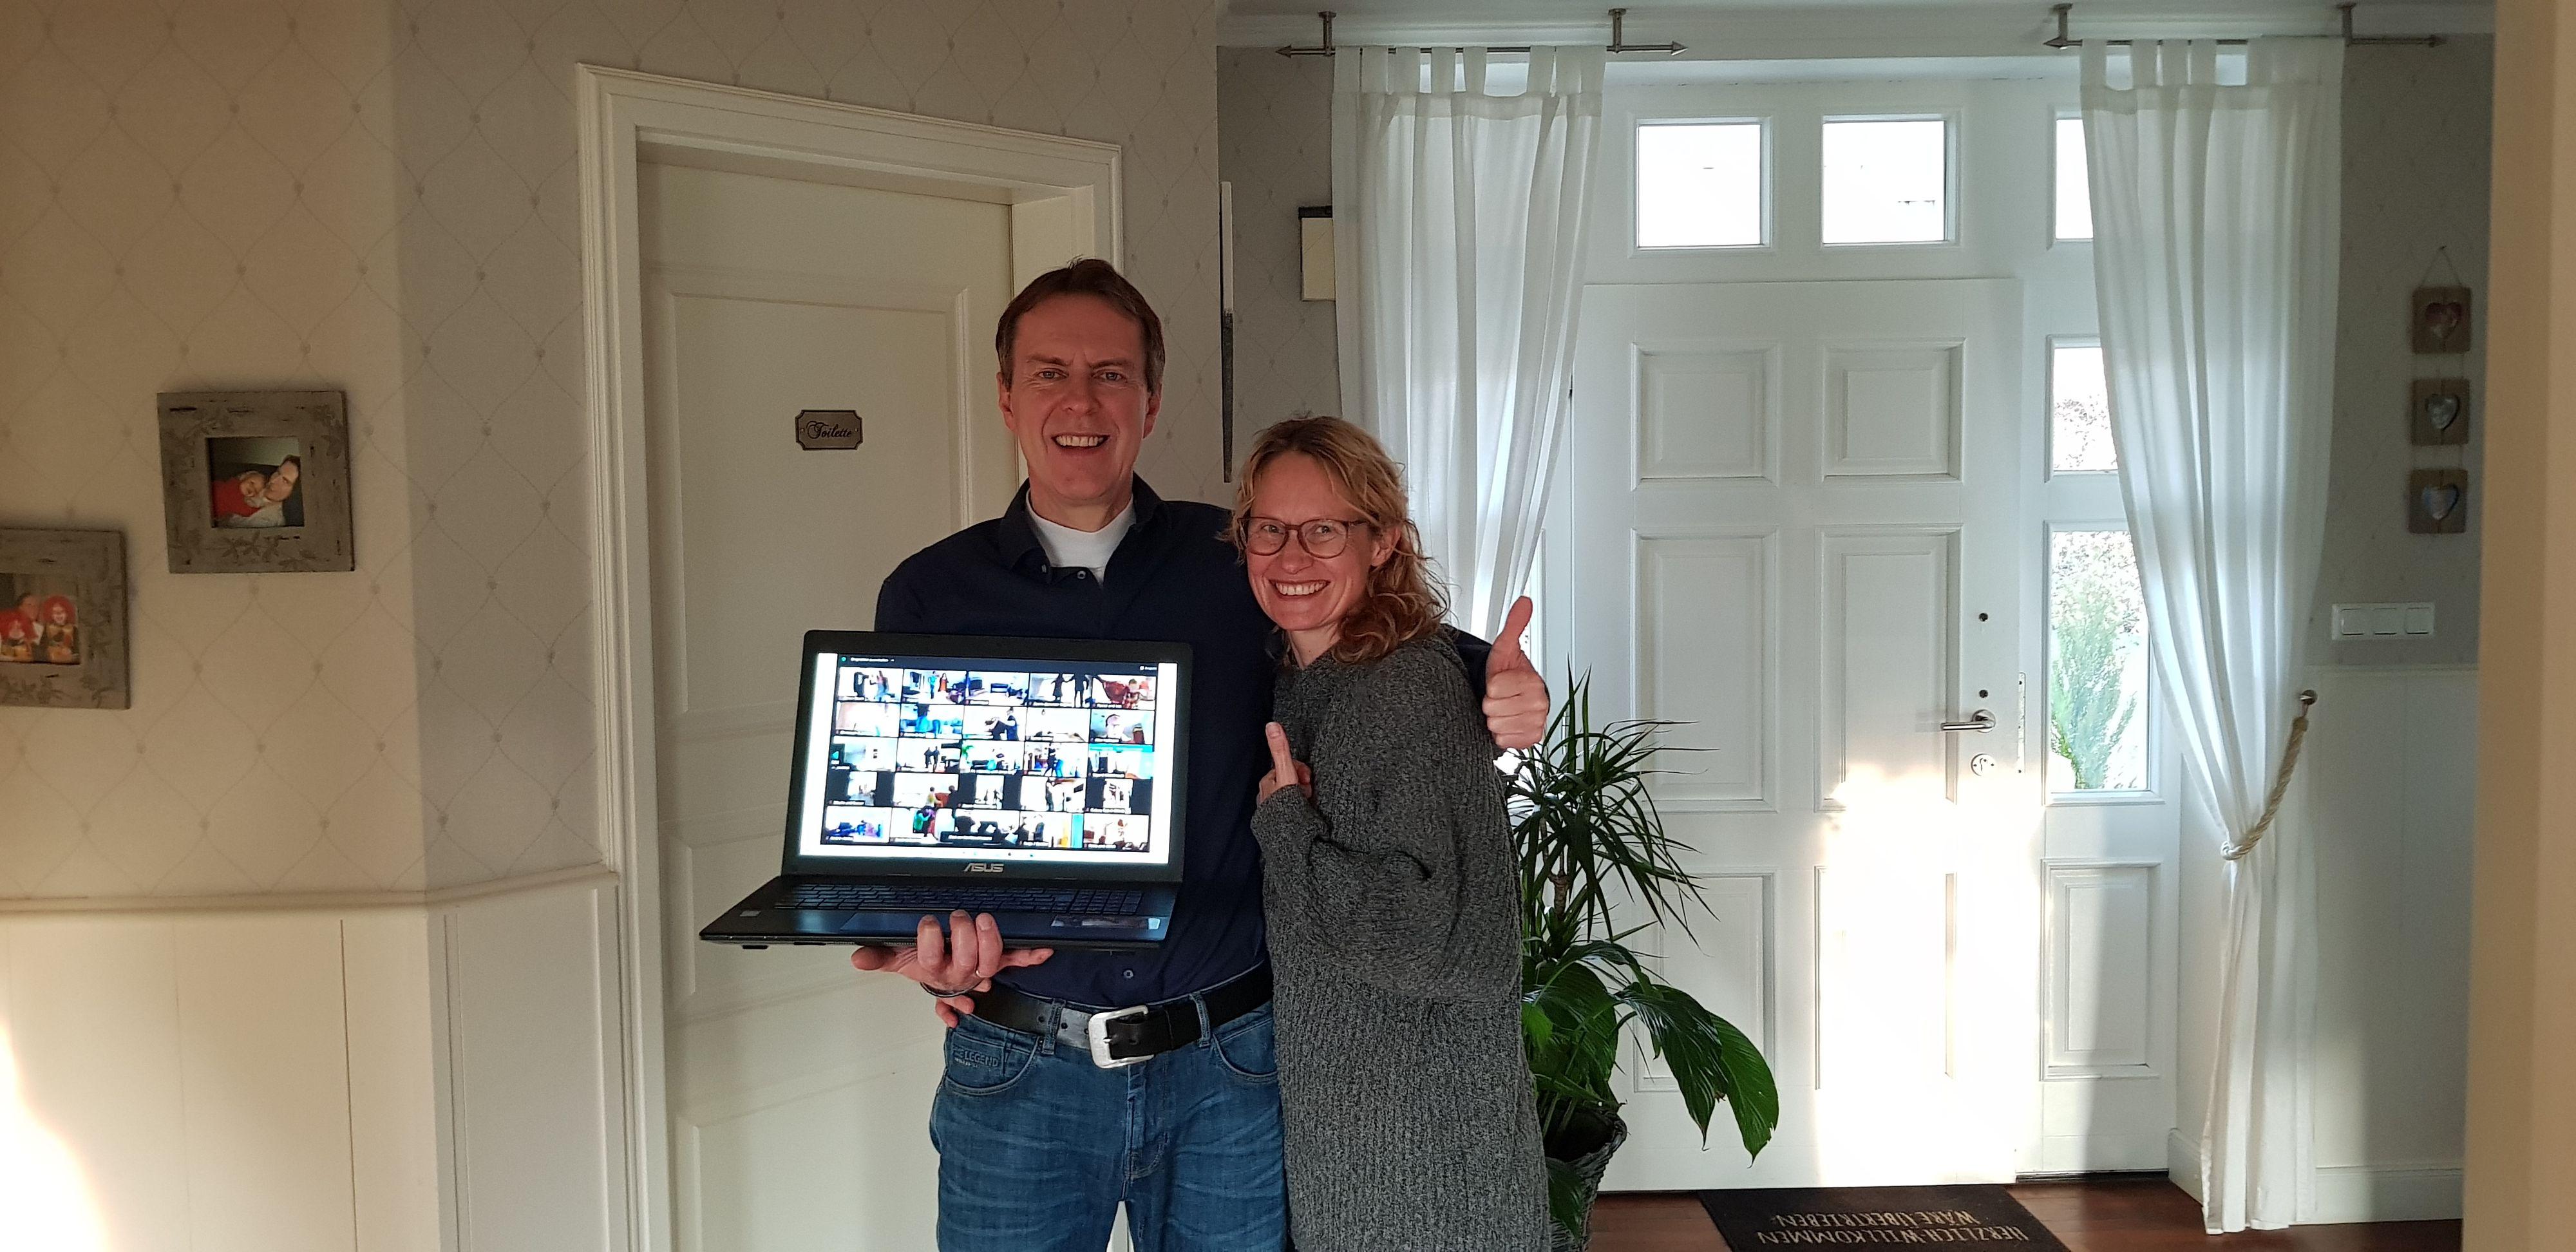 """Weltrekordhalter: Michael und Sandra Sandmann waren dabei als 1404 Paare den """"größten Cha-Cha-Cha in Videokonferenz"""" tanzten. Foto: privat"""